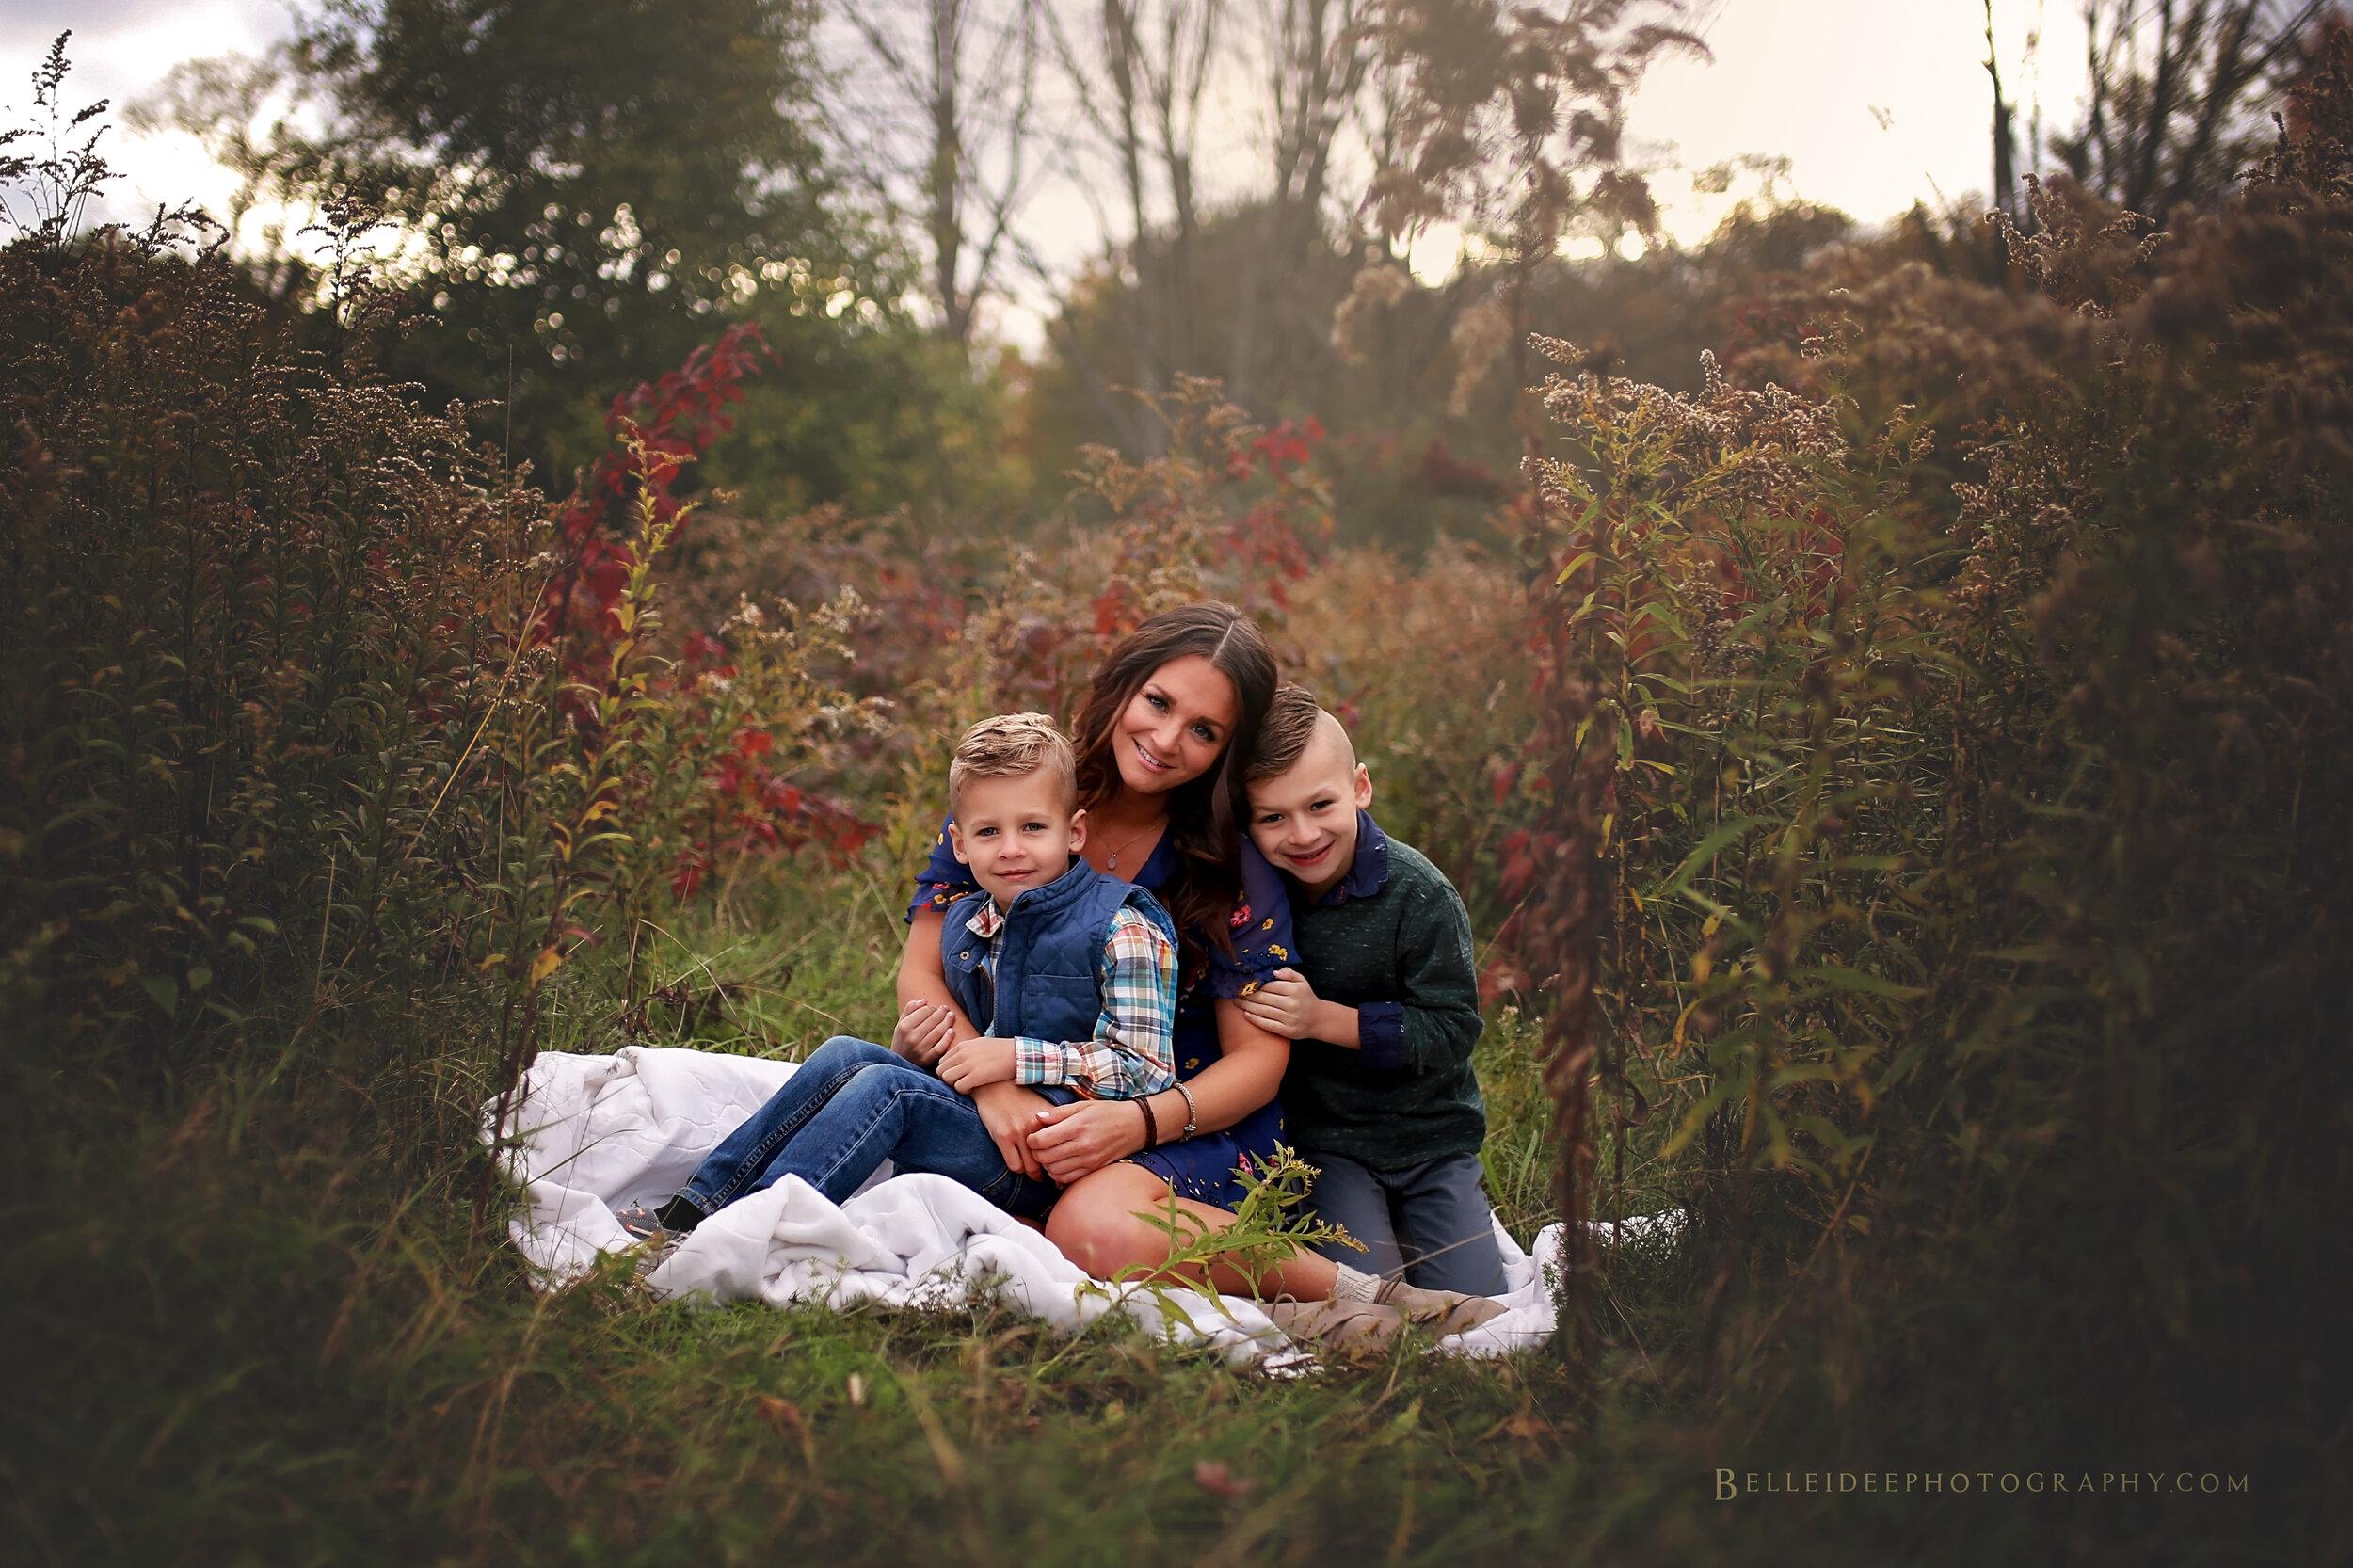 Hamburg, NY Family Photographer